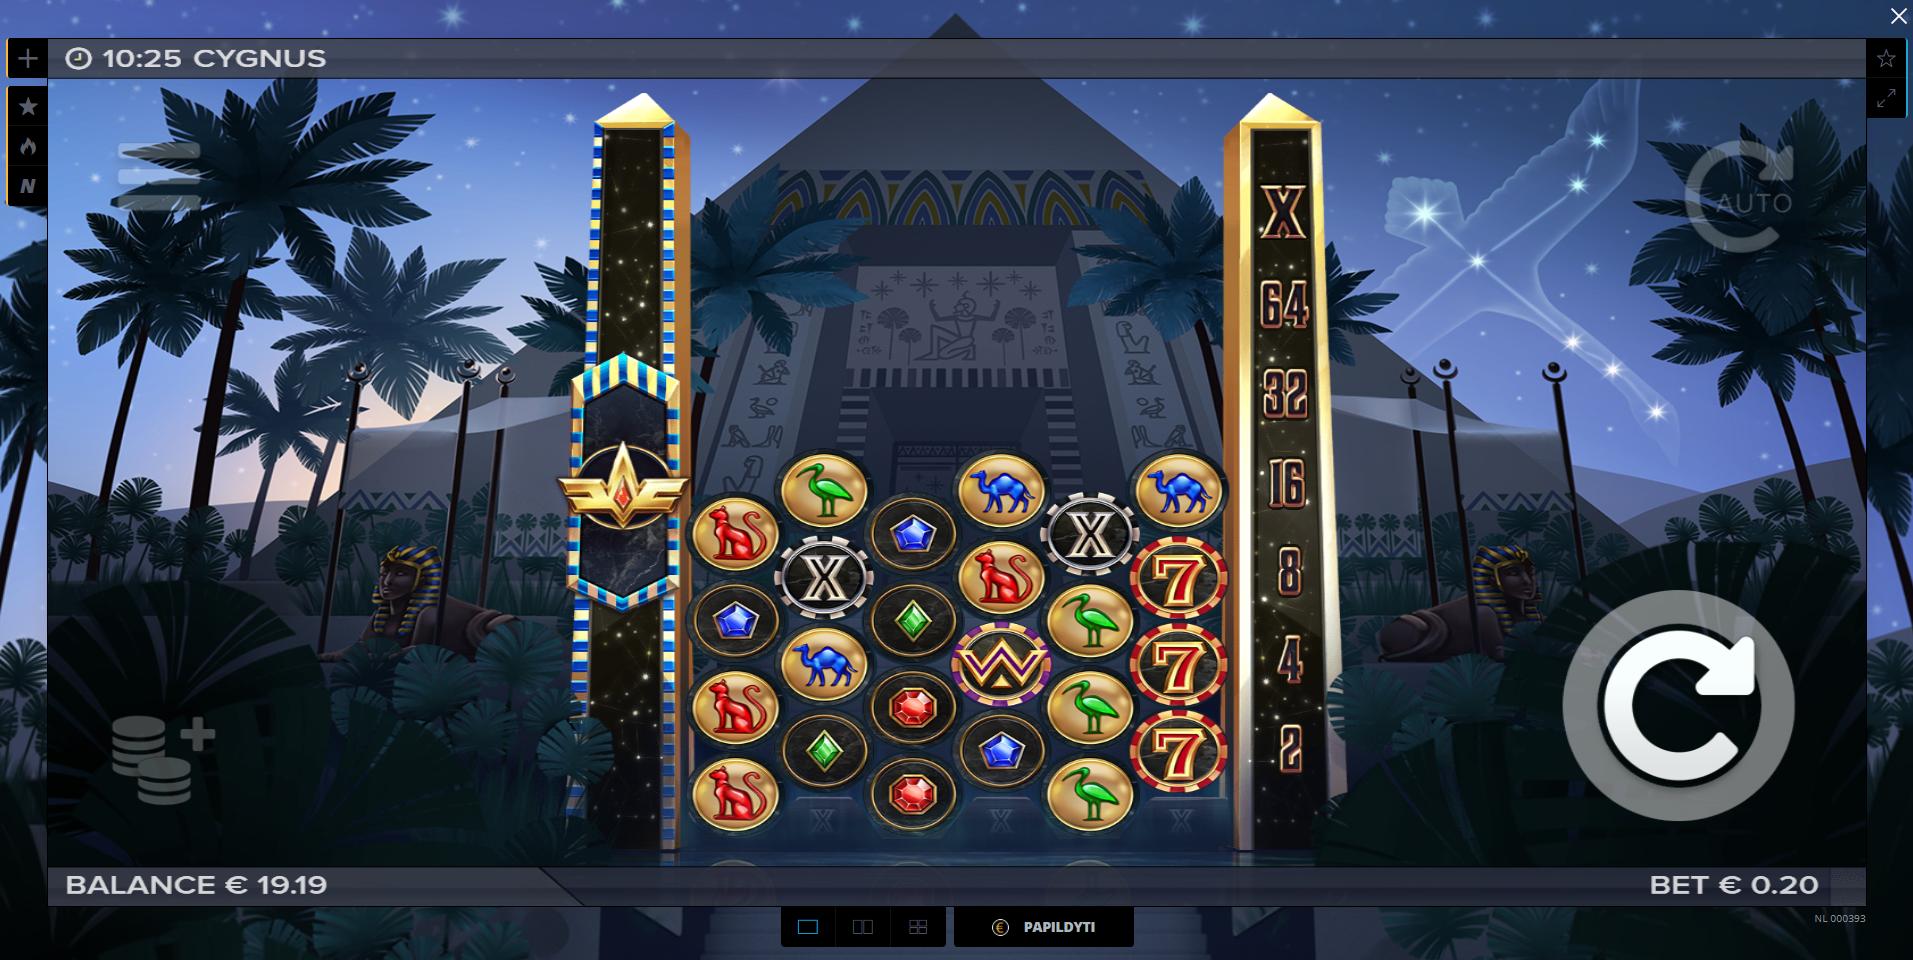 uniclub casino elk studios cygnus lošimo automatas